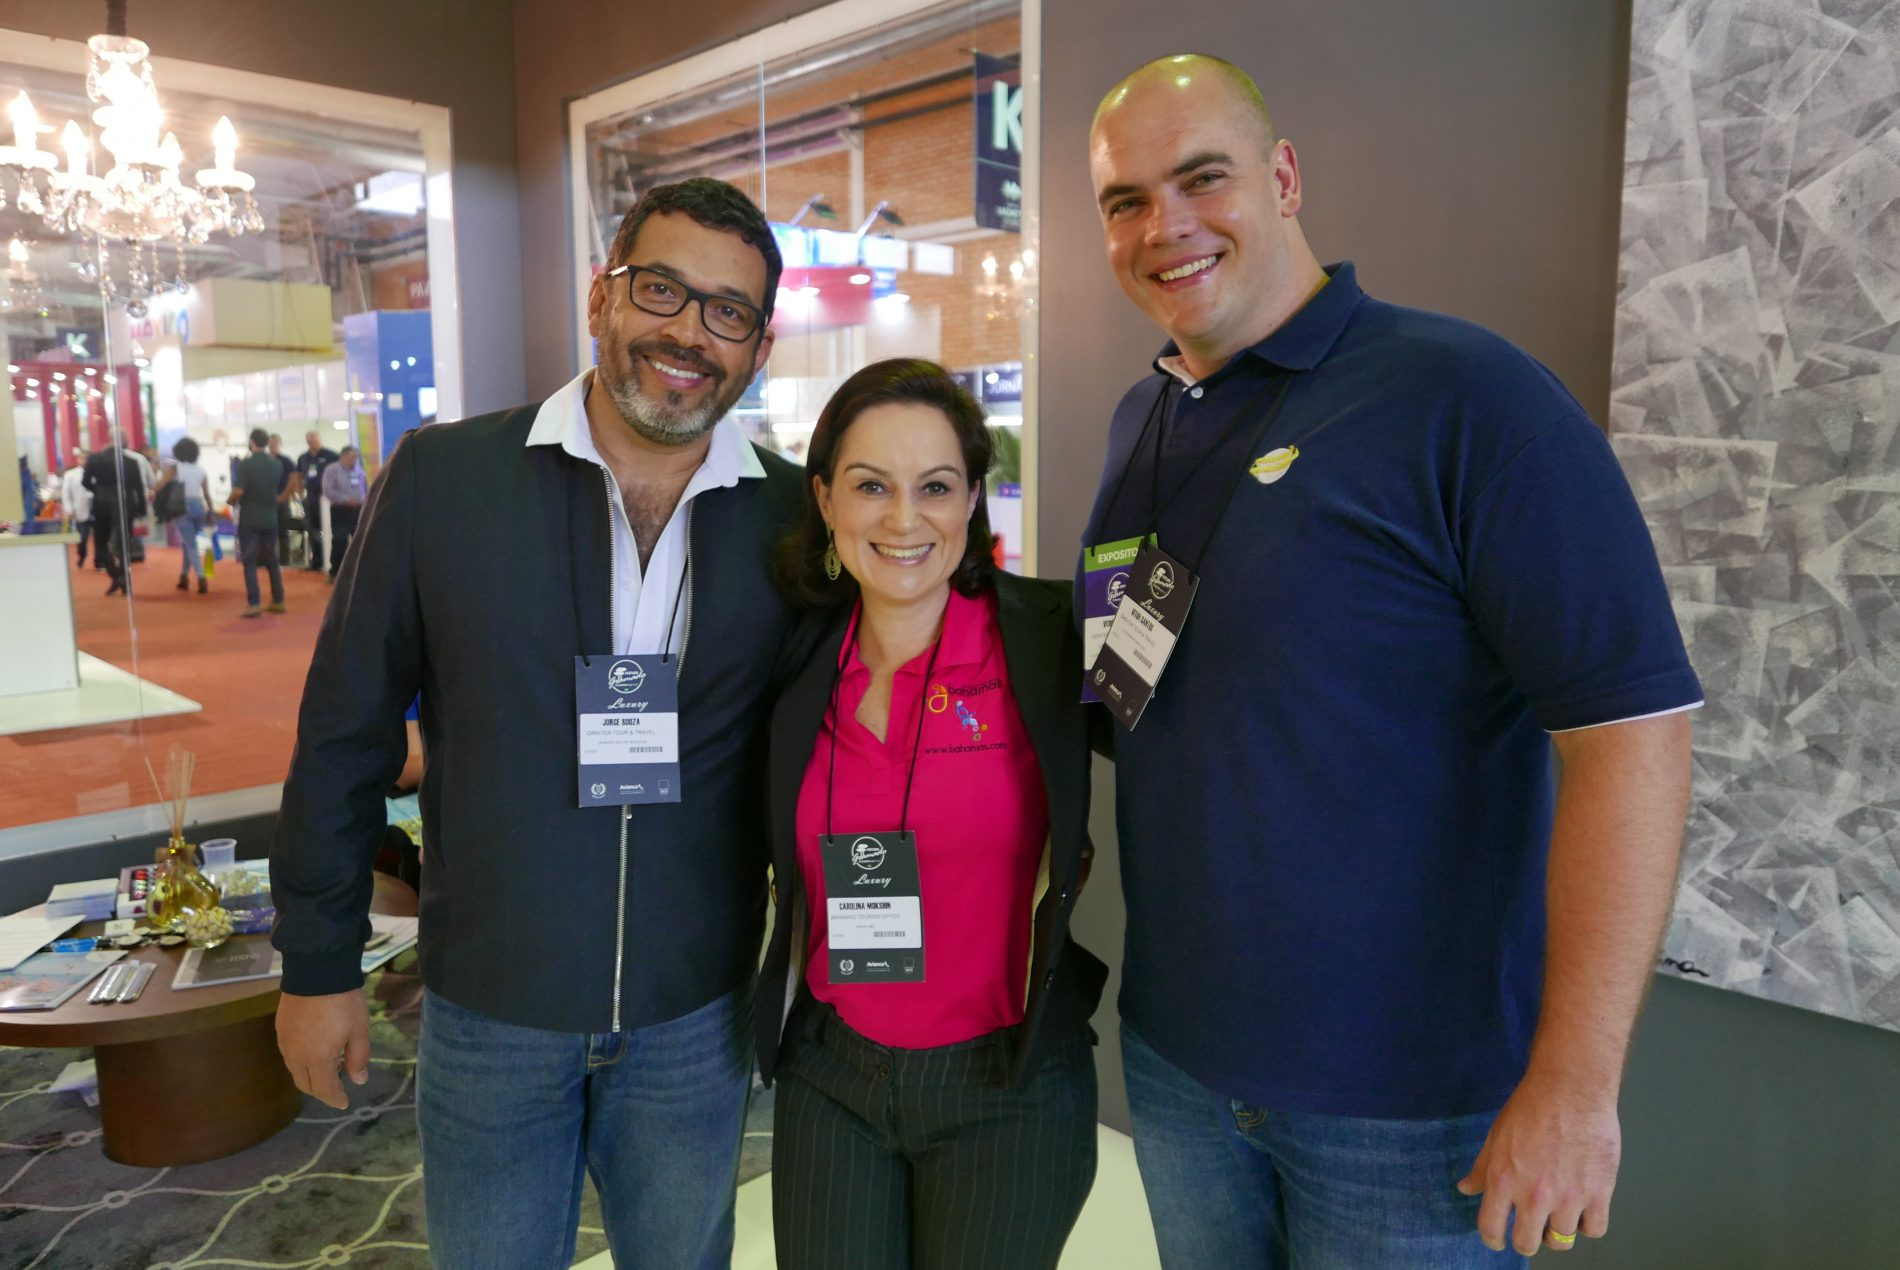 Jorge Souza e Vitor Santos, da Orinter Tour & Travel, com Carolina Mokshin, do Turismo das Bahamas